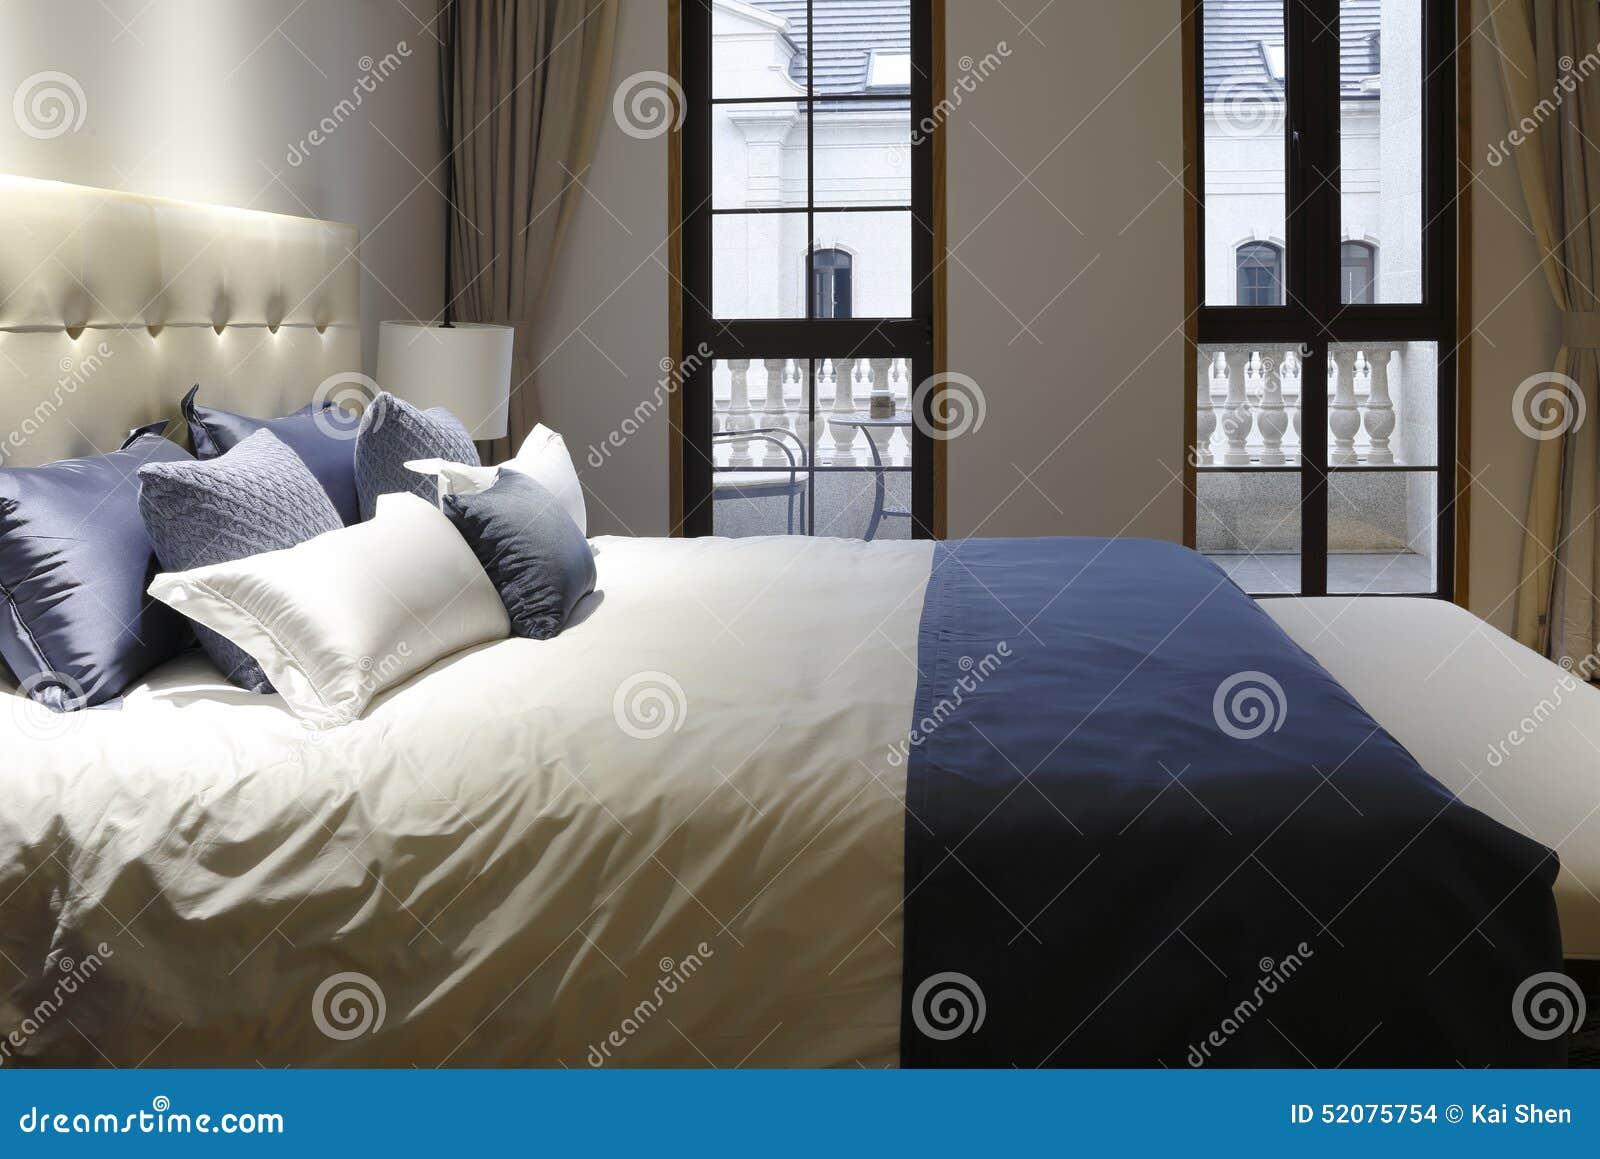 Finestra sopra il letto for Camera da letto sopra il garage